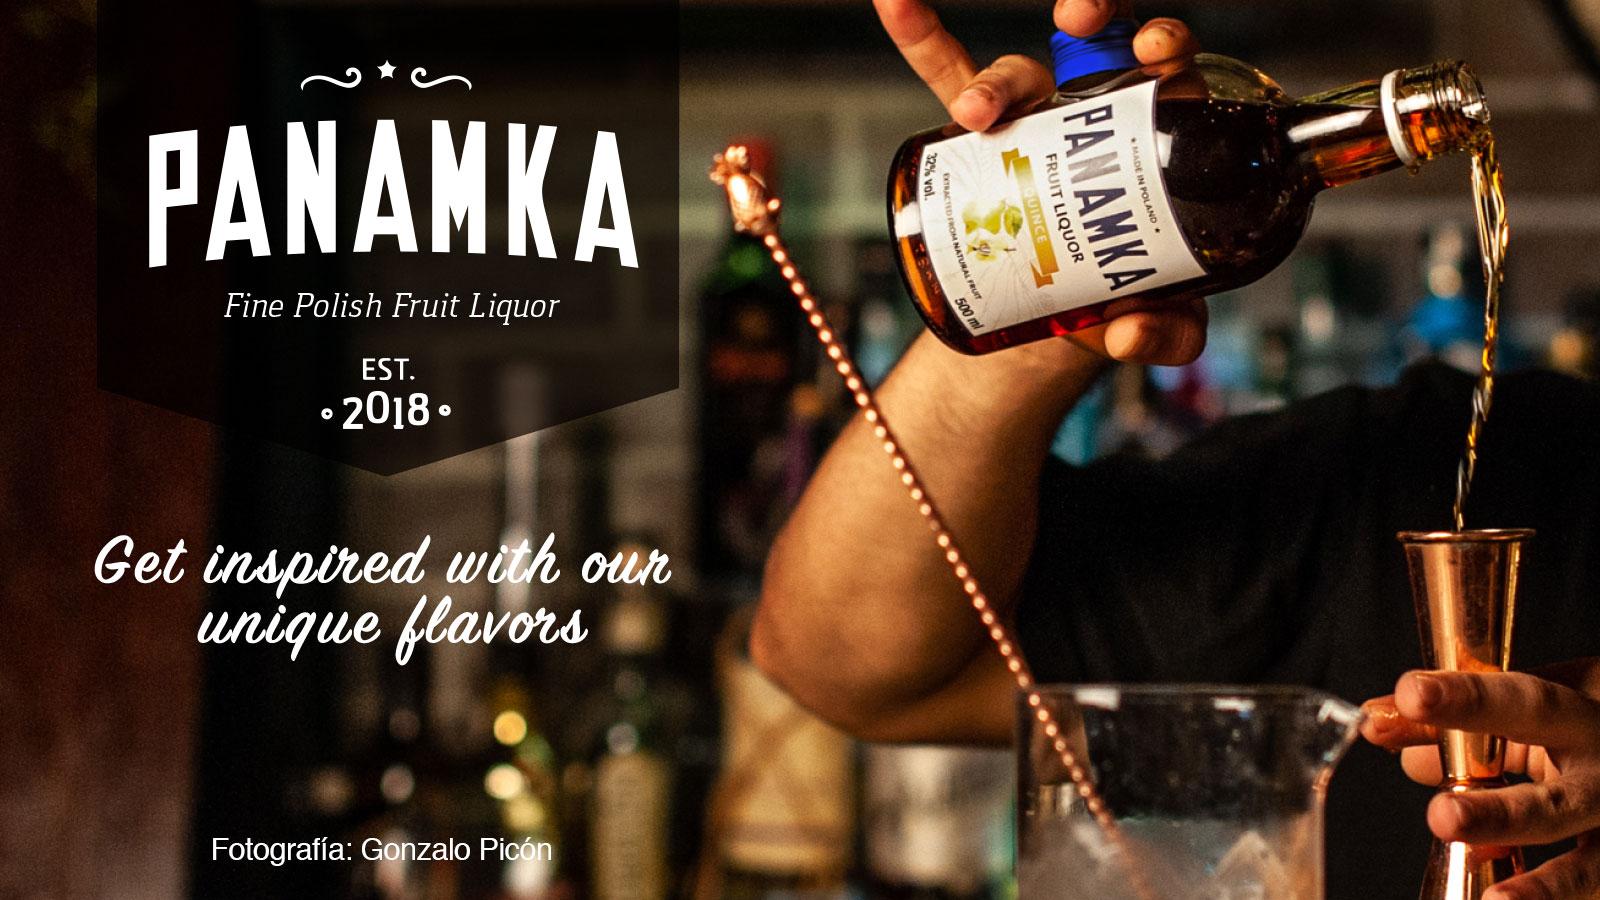 Panamka liquors